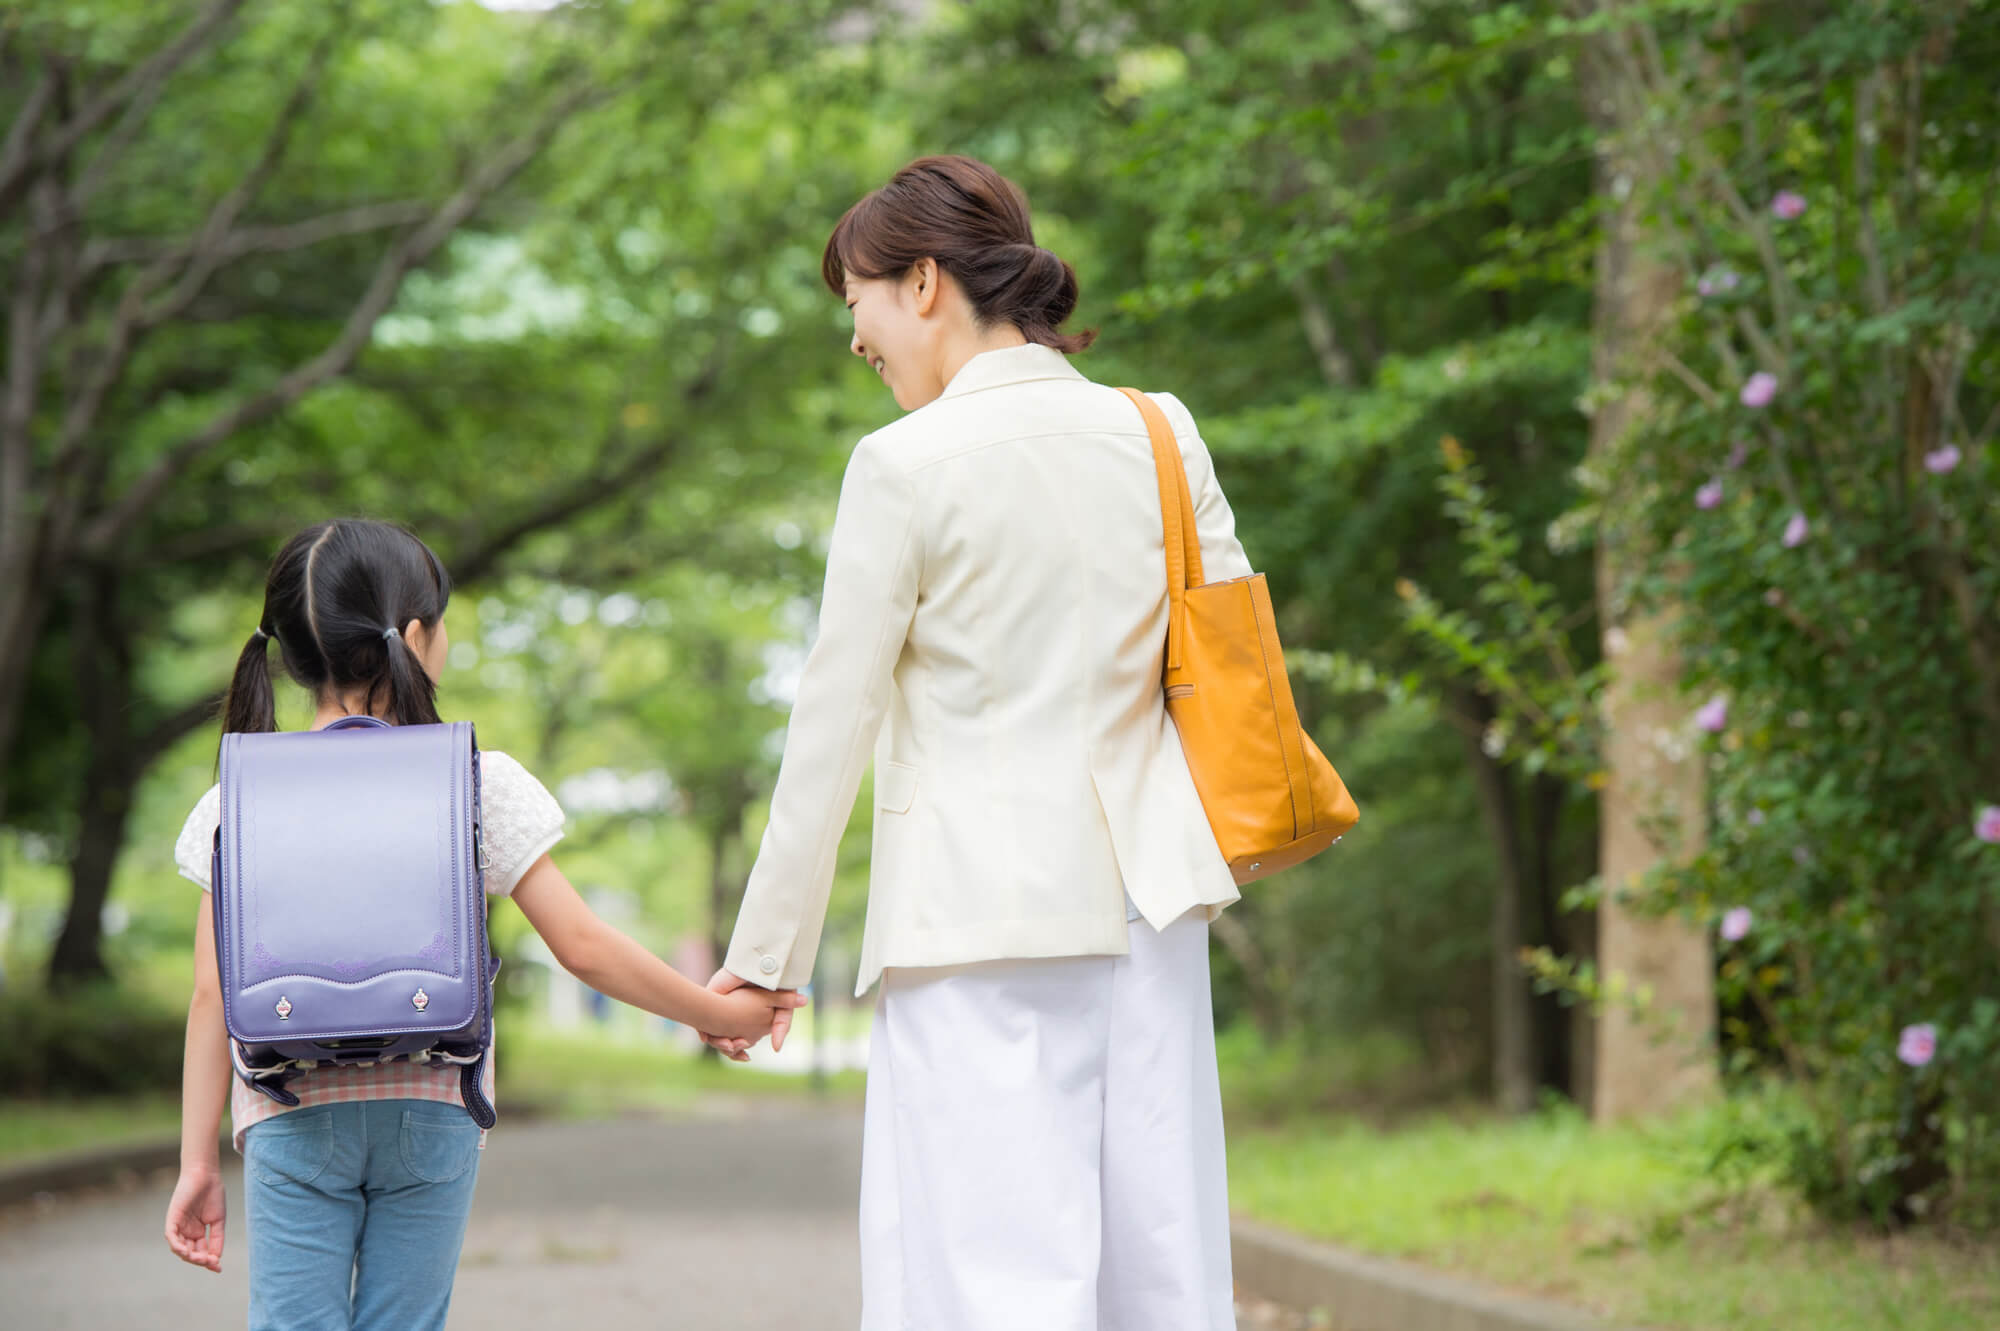 子供の安全対策、どうしてる?防犯標語やおすすめの防犯対策ツールを紹介!